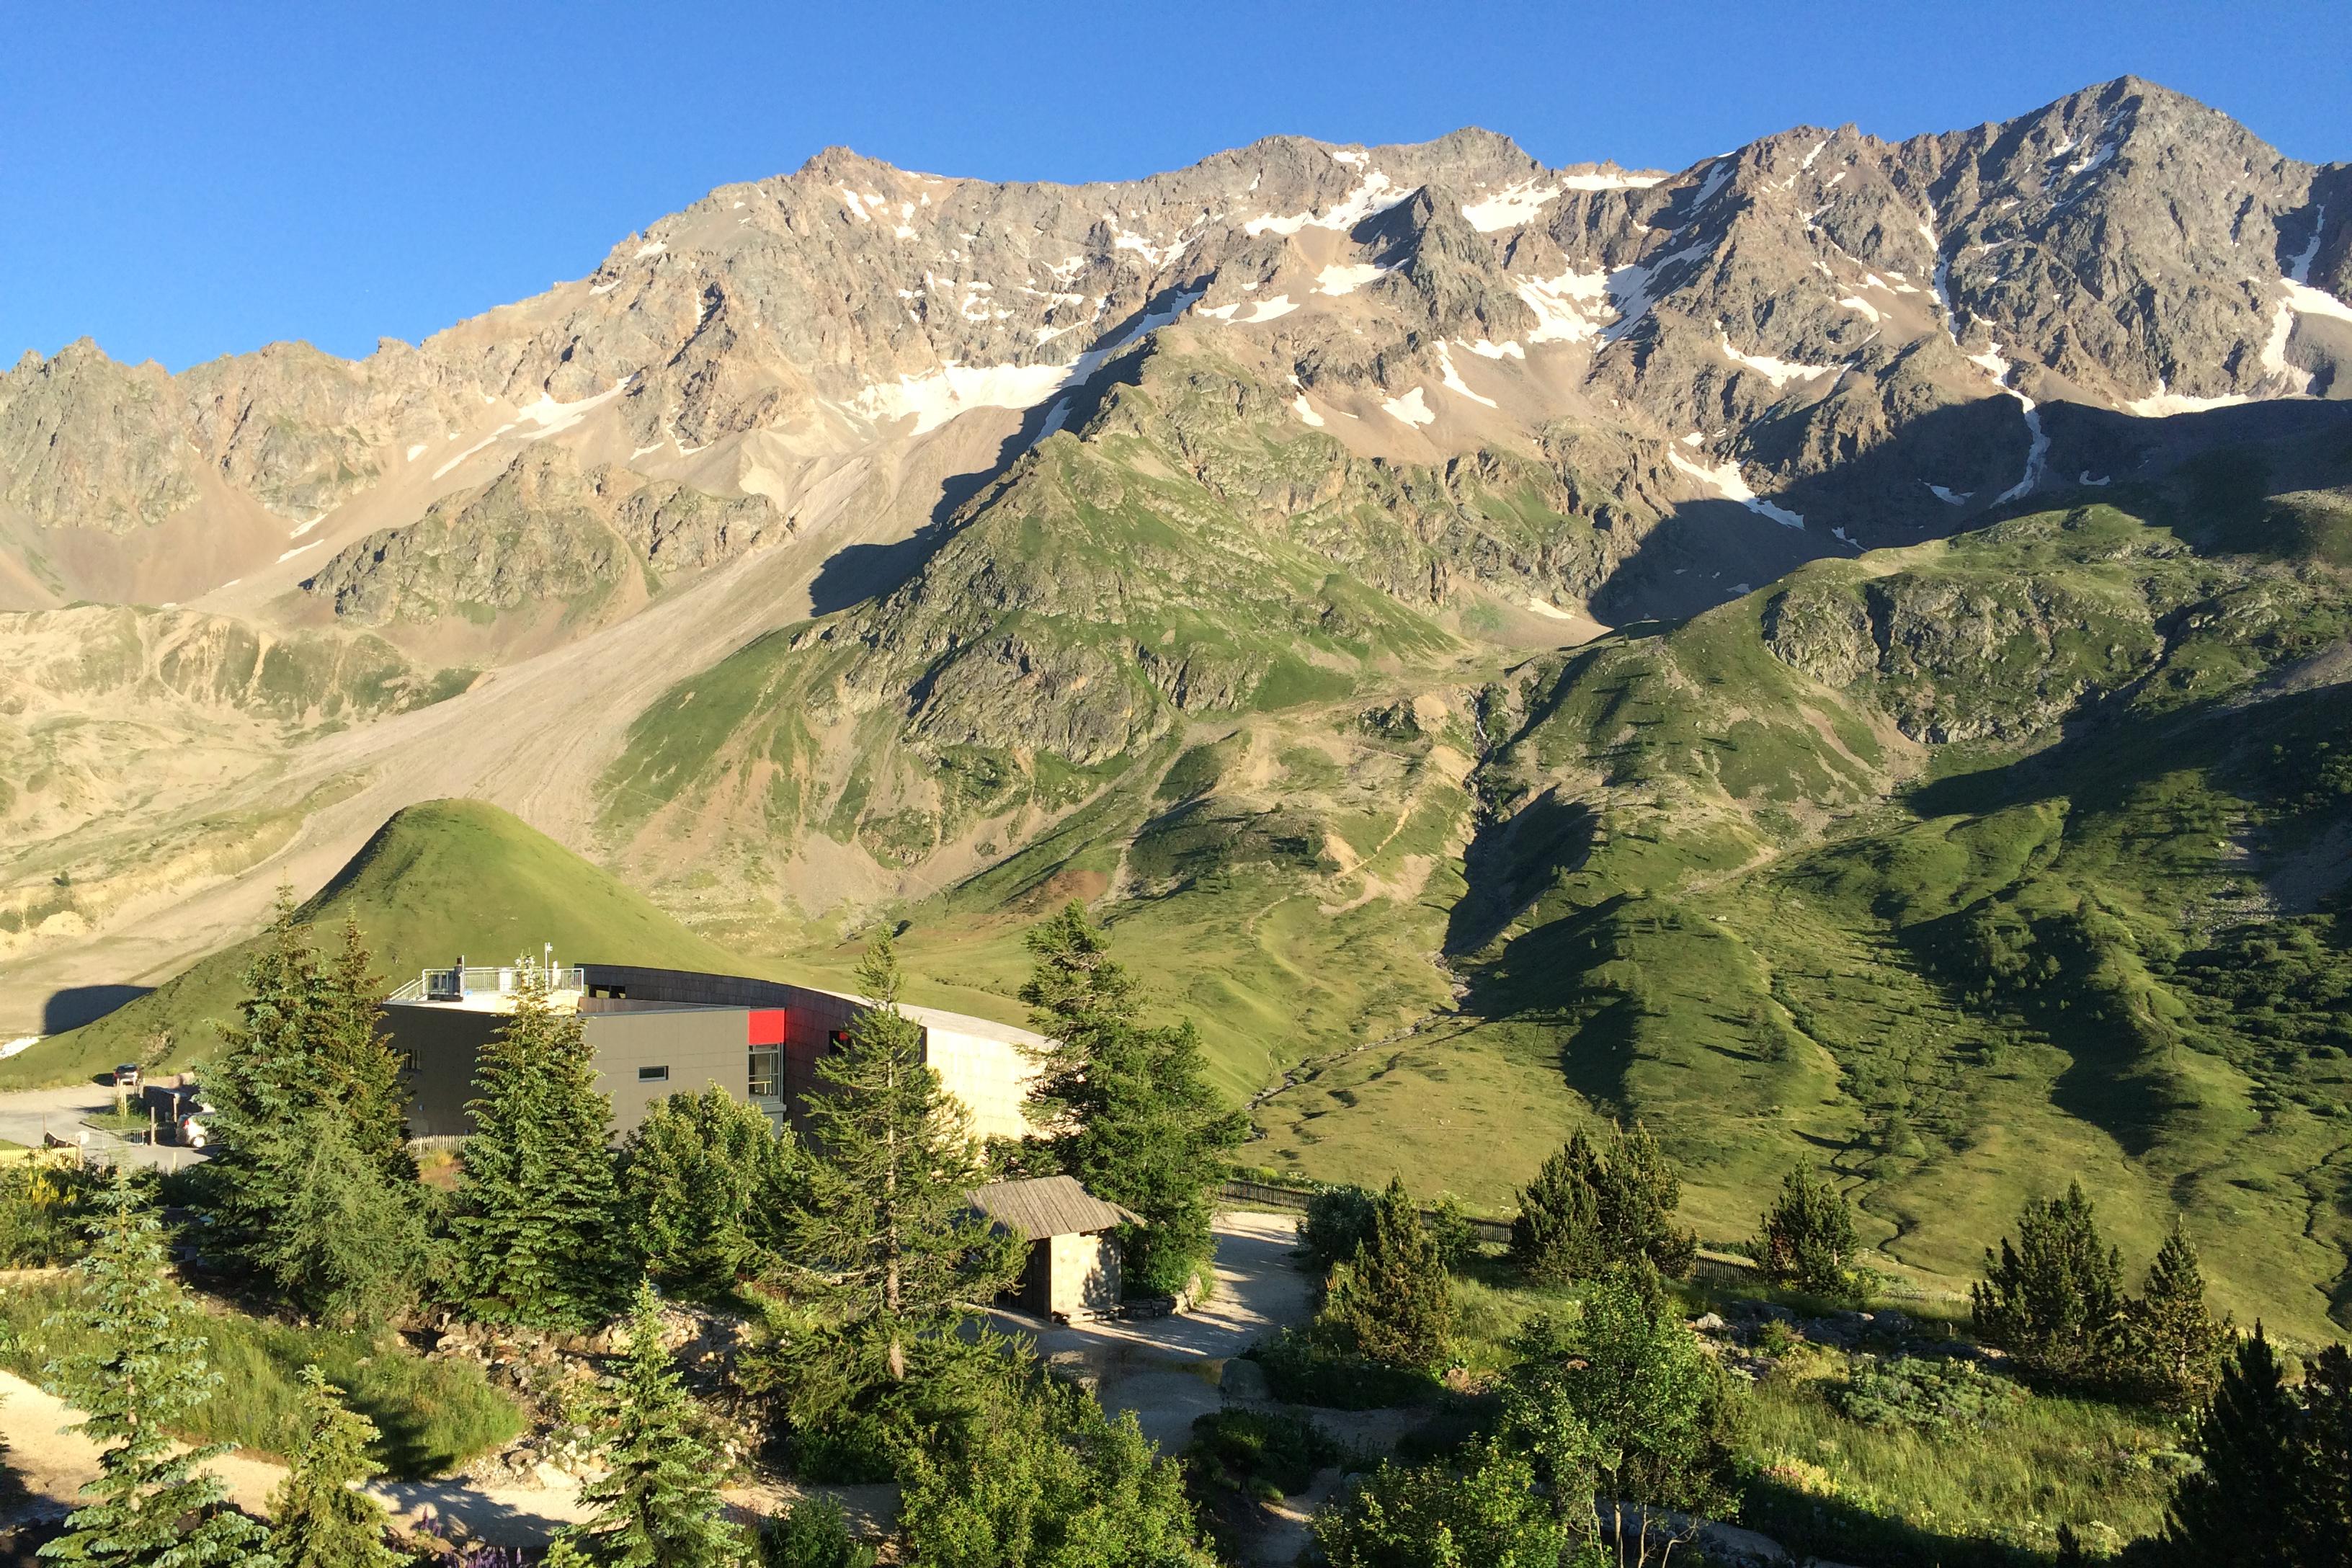 La galerie de l'Alpe, lieu d'accueil, de conférences, d'expositions et laboratoire de recherche, au pied du massif du Combeynot